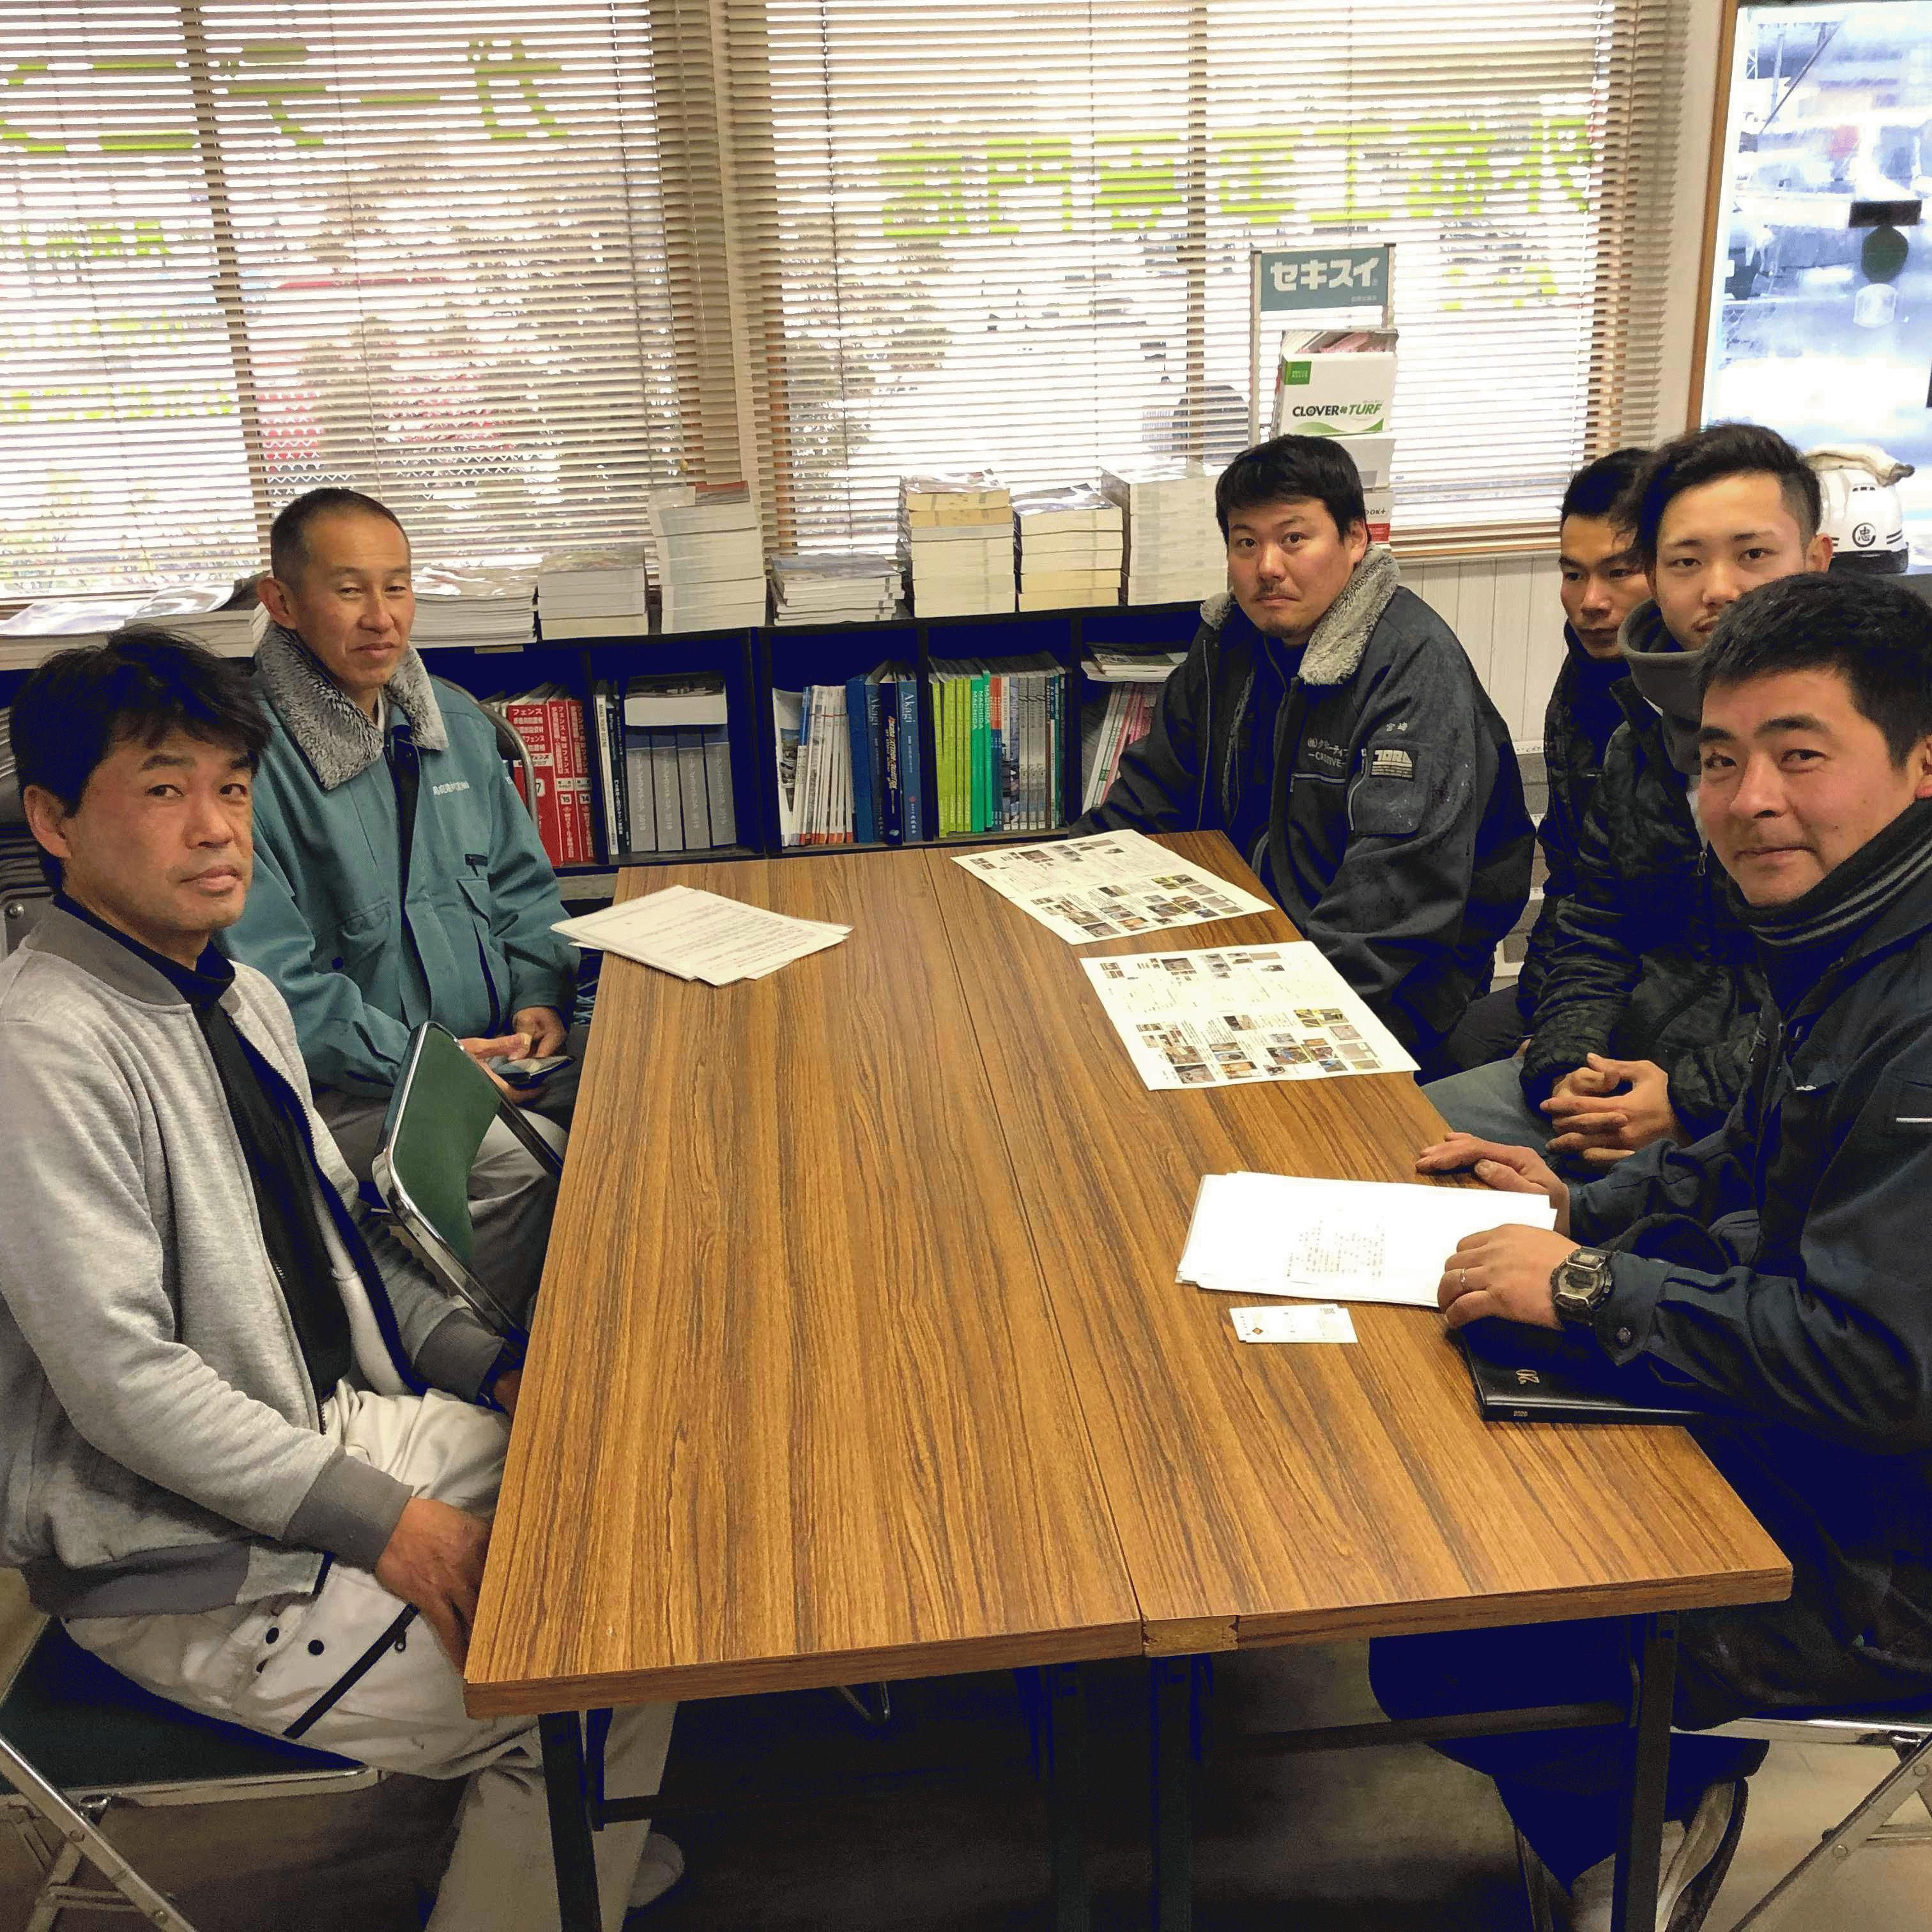 【埼玉】「壊れた自然と人との関係を取り戻せる人たち」施工者・製造者